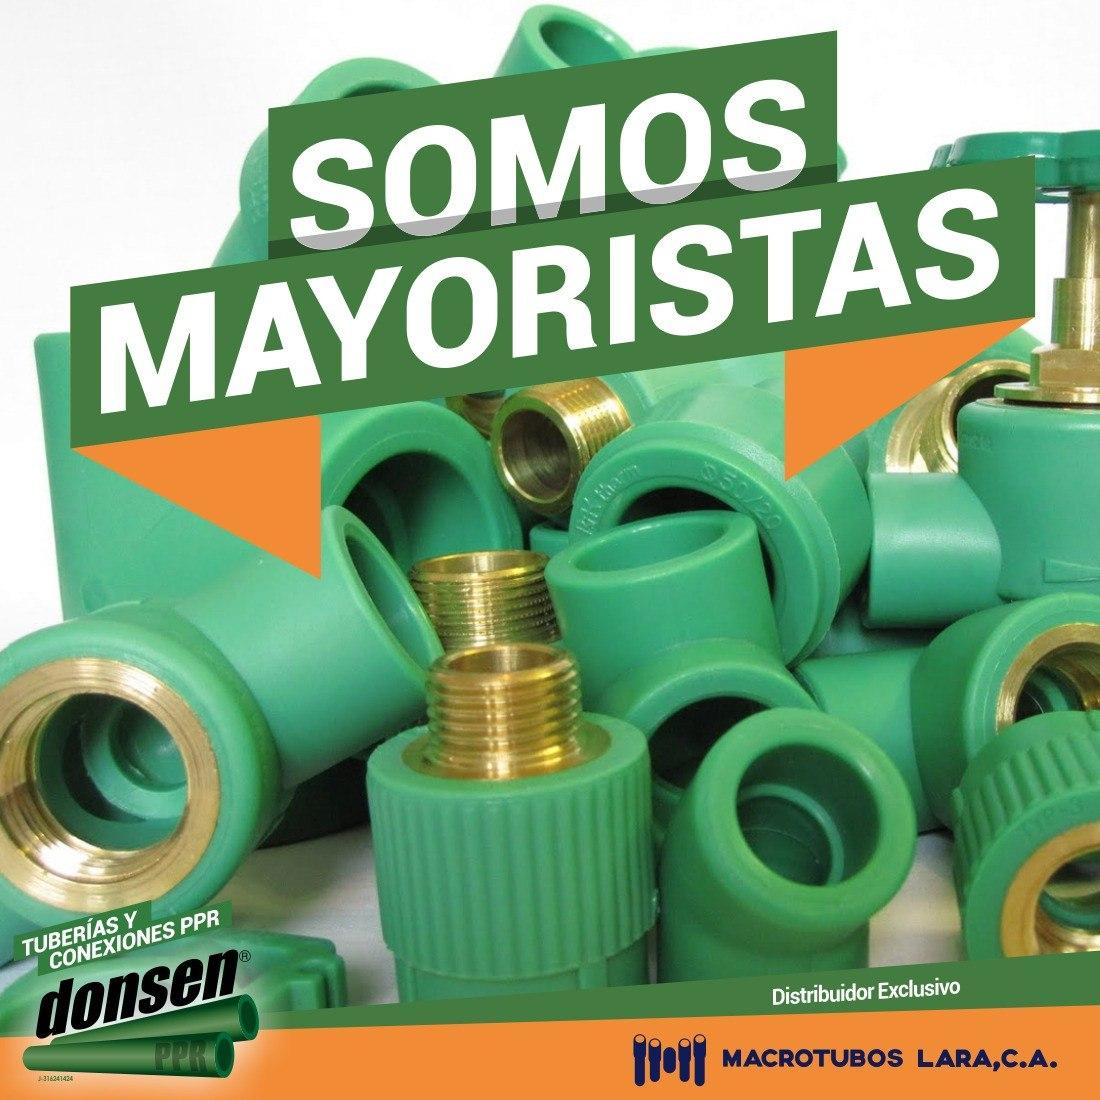 Anillo donsen ppr 20mm tubos y conexiones mayor - Tuberias de ppr ...